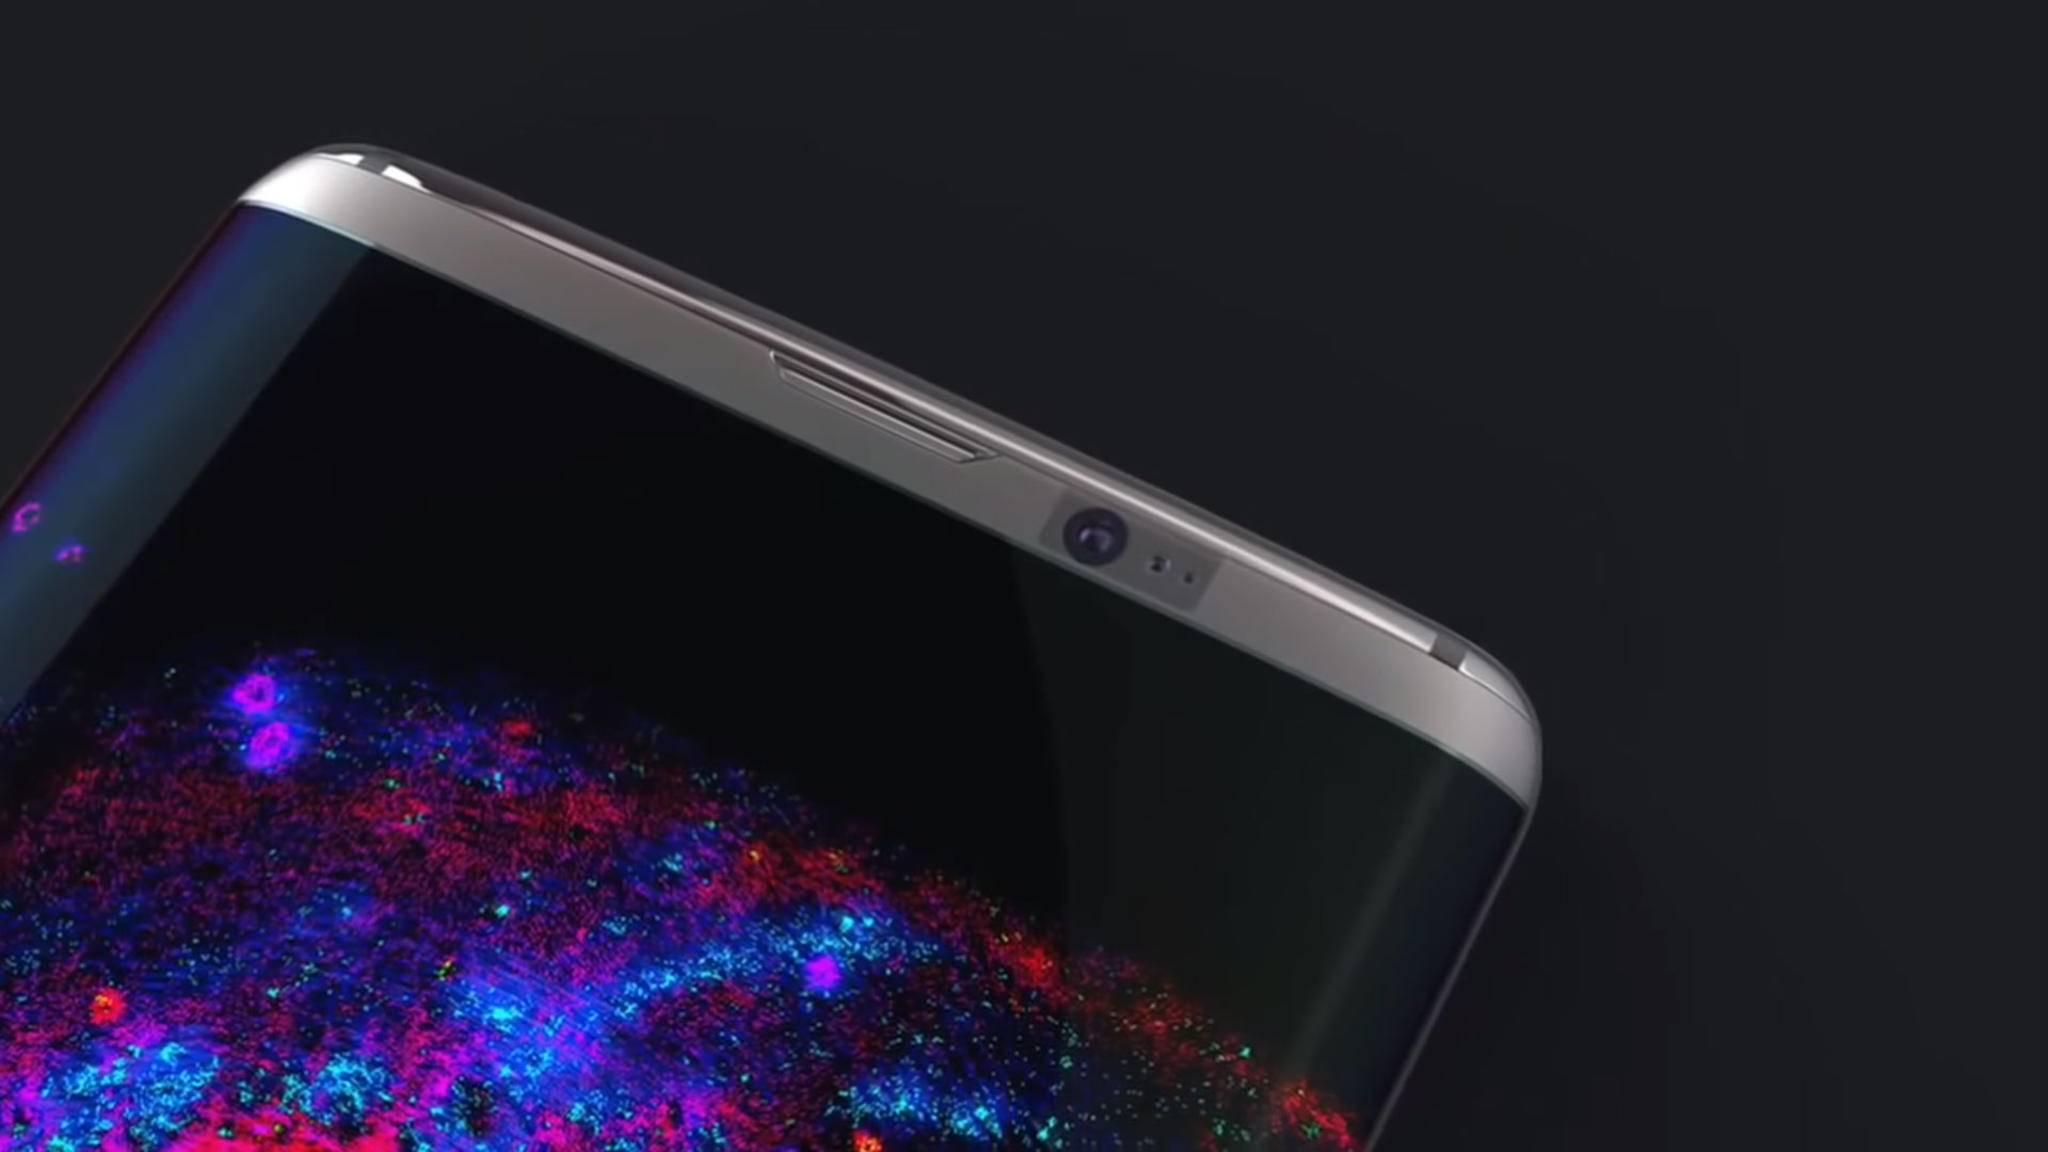 Das Galaxy S8 erscheint im April.